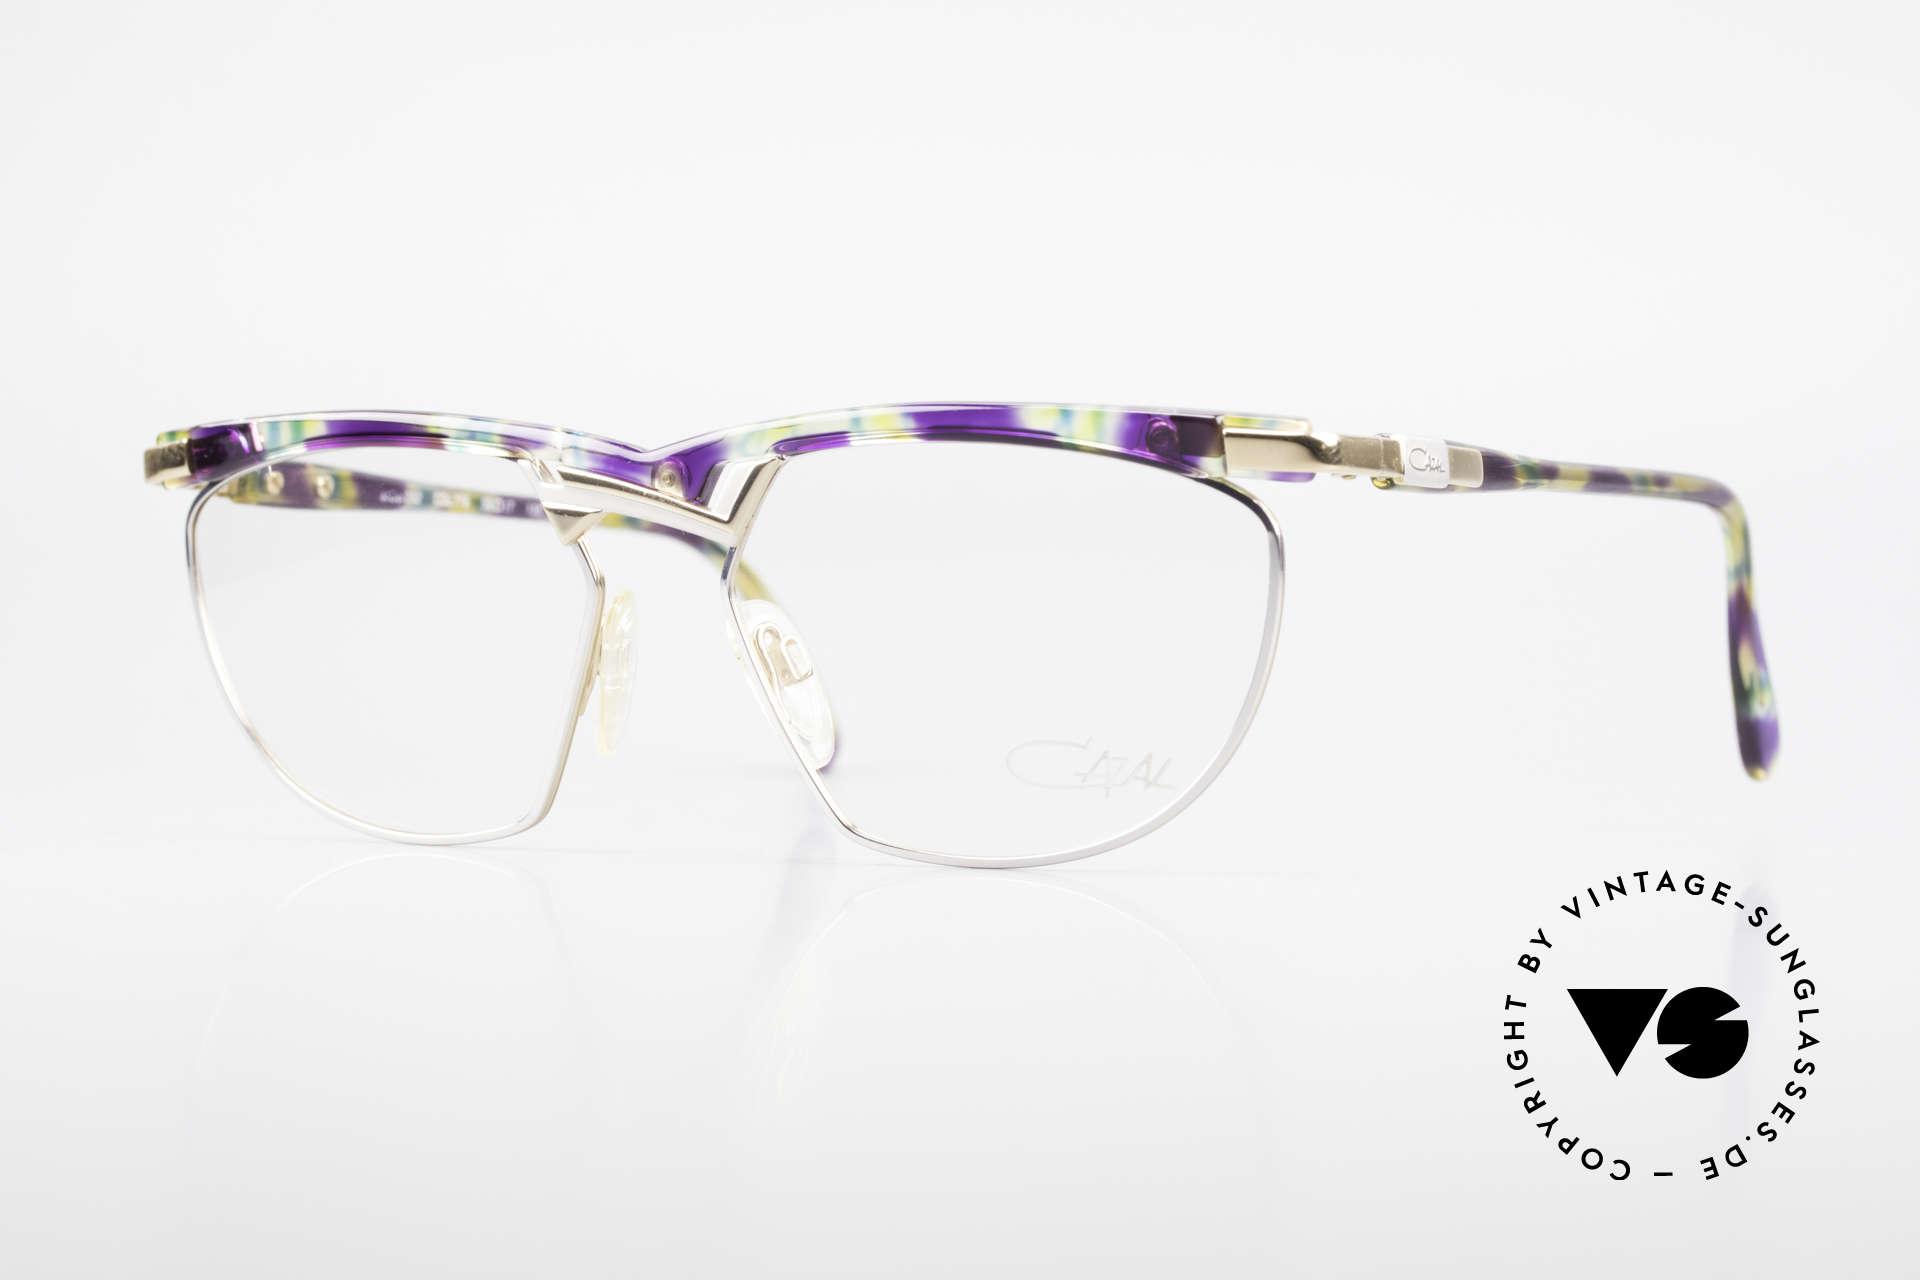 Cazal 252 90er Original True Vintage, außergewöhnliche Cazal Designerbrille der frühen 90er, Passend für Herren und Damen